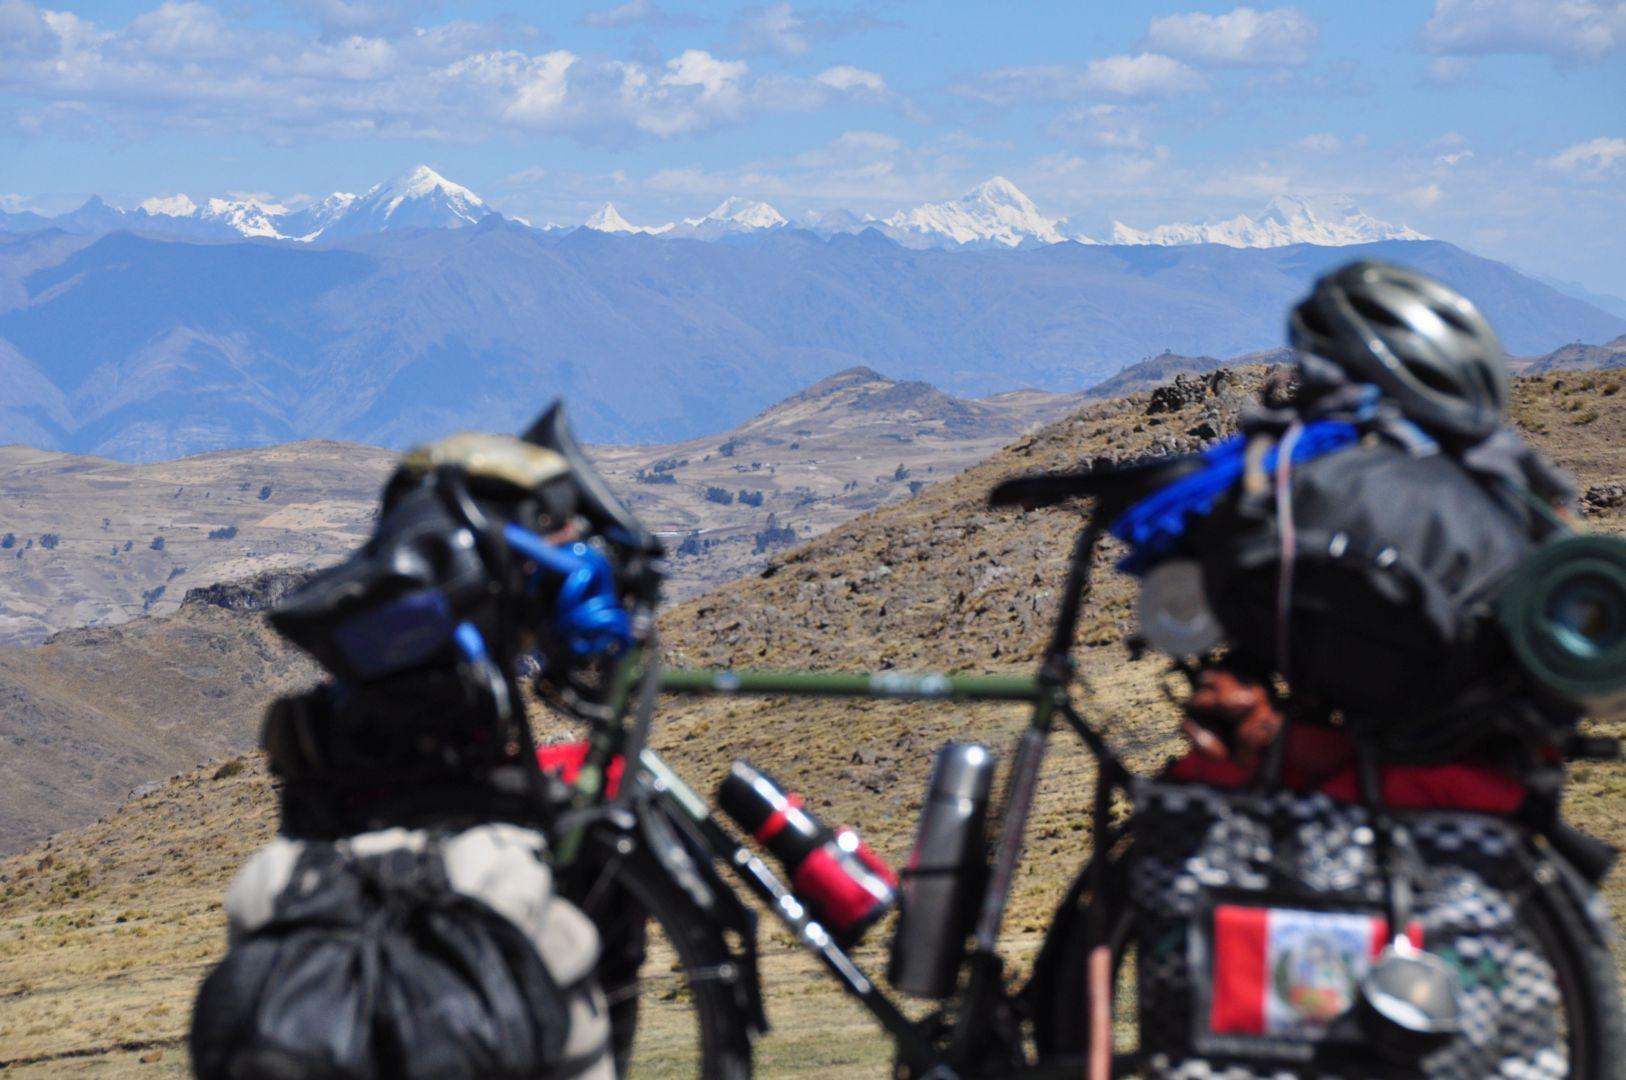 vista del Alpamayo y las otras montañas de la cordiella blanca